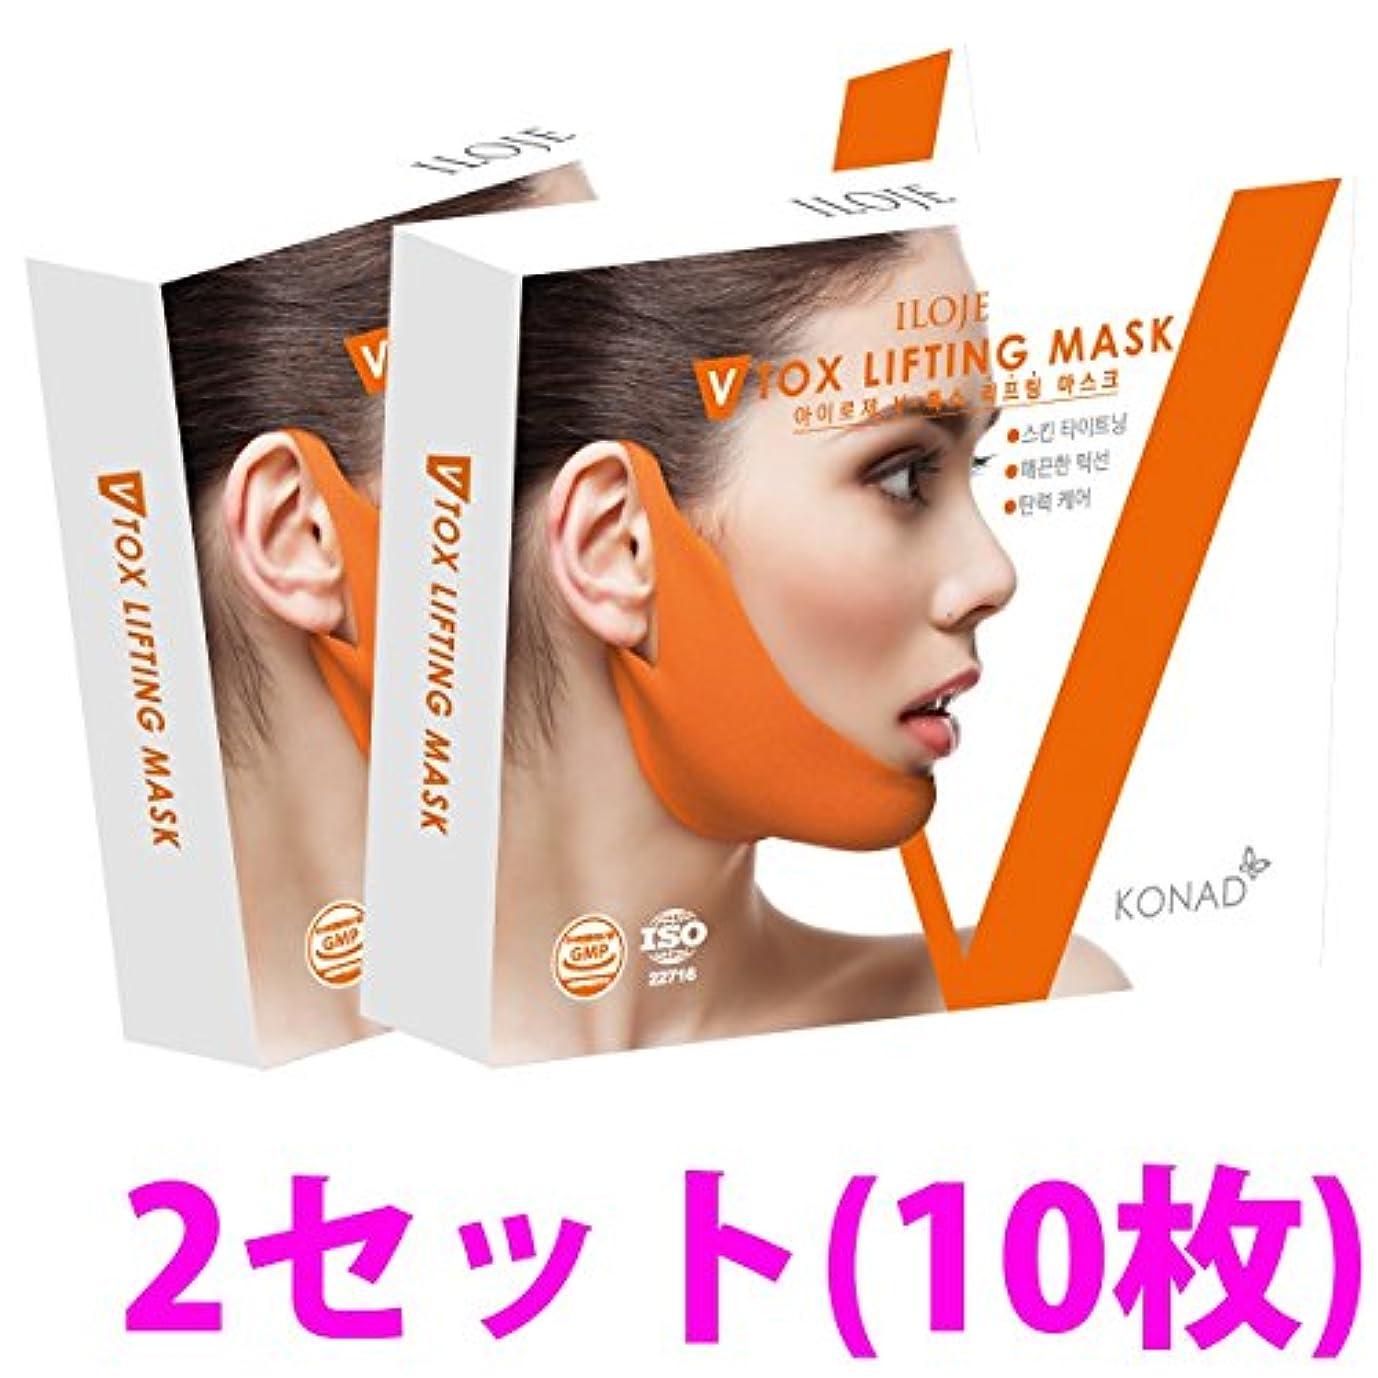 チャット保証する継続中女性の年齢は顎の輪郭で決まる!V-TOXリフティングマスクパック 2セット(10枚)